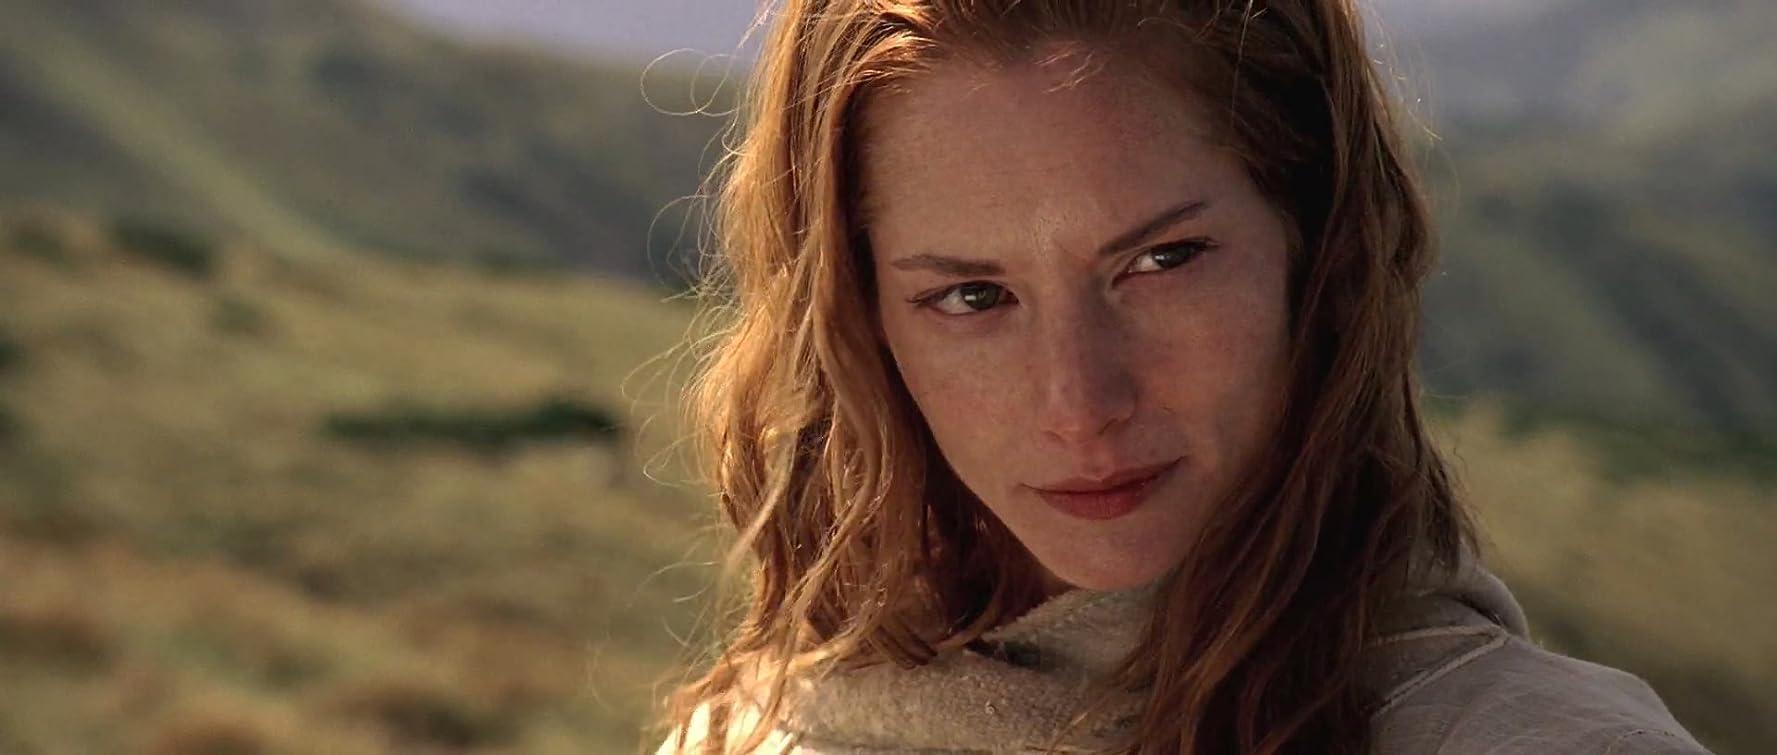 Helen of Troy – Η ωραία Ελένη της Τροίας